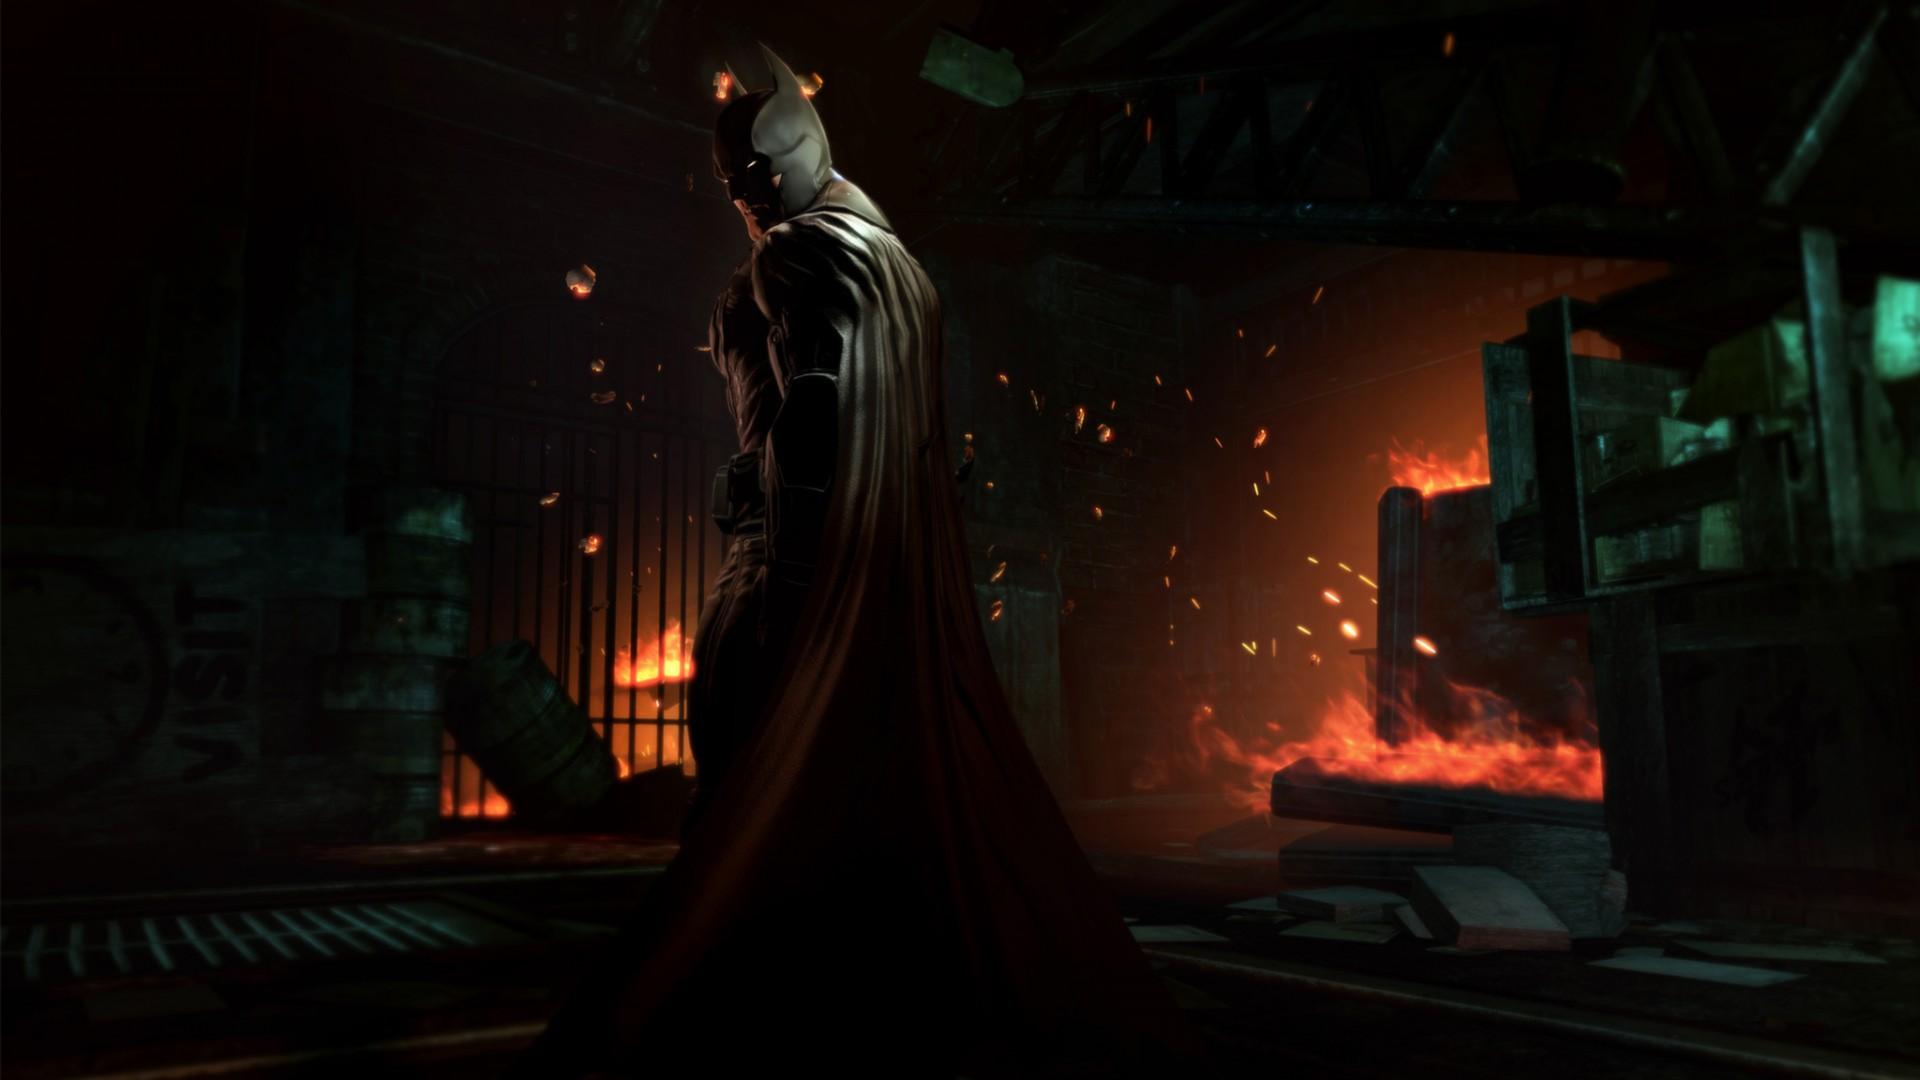 蝙蝠侠:阿甘起源插图3